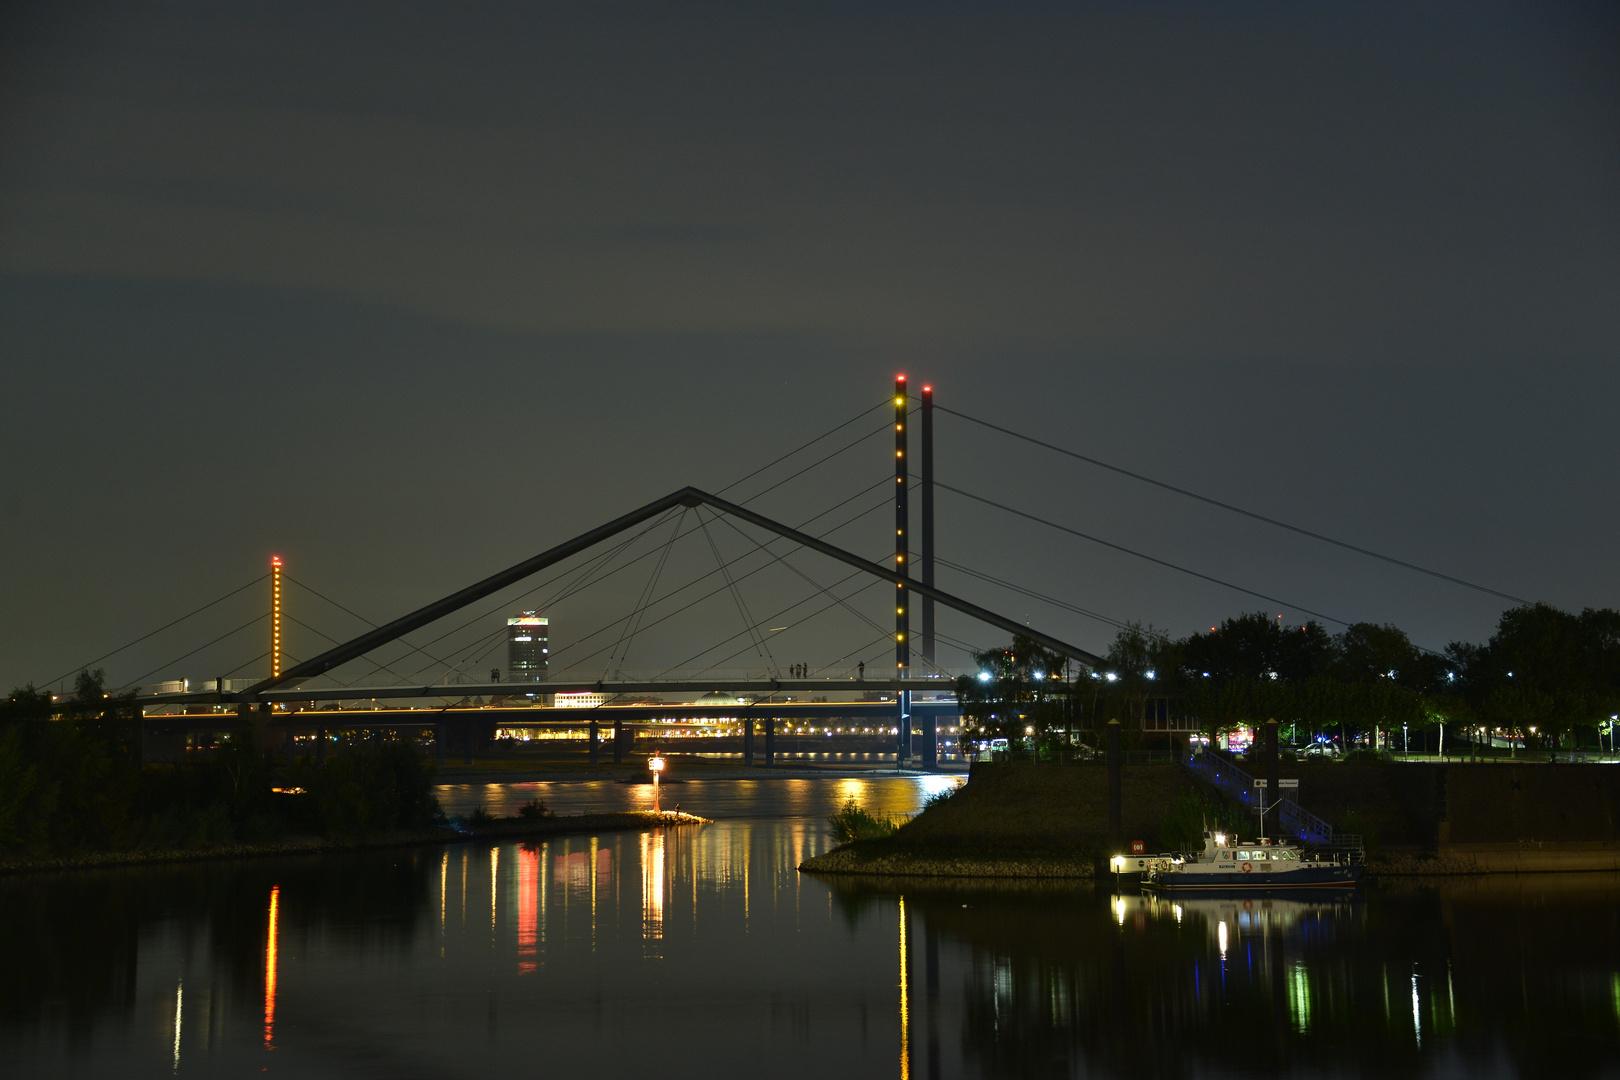 Medienhafen mit Rheinbrücke